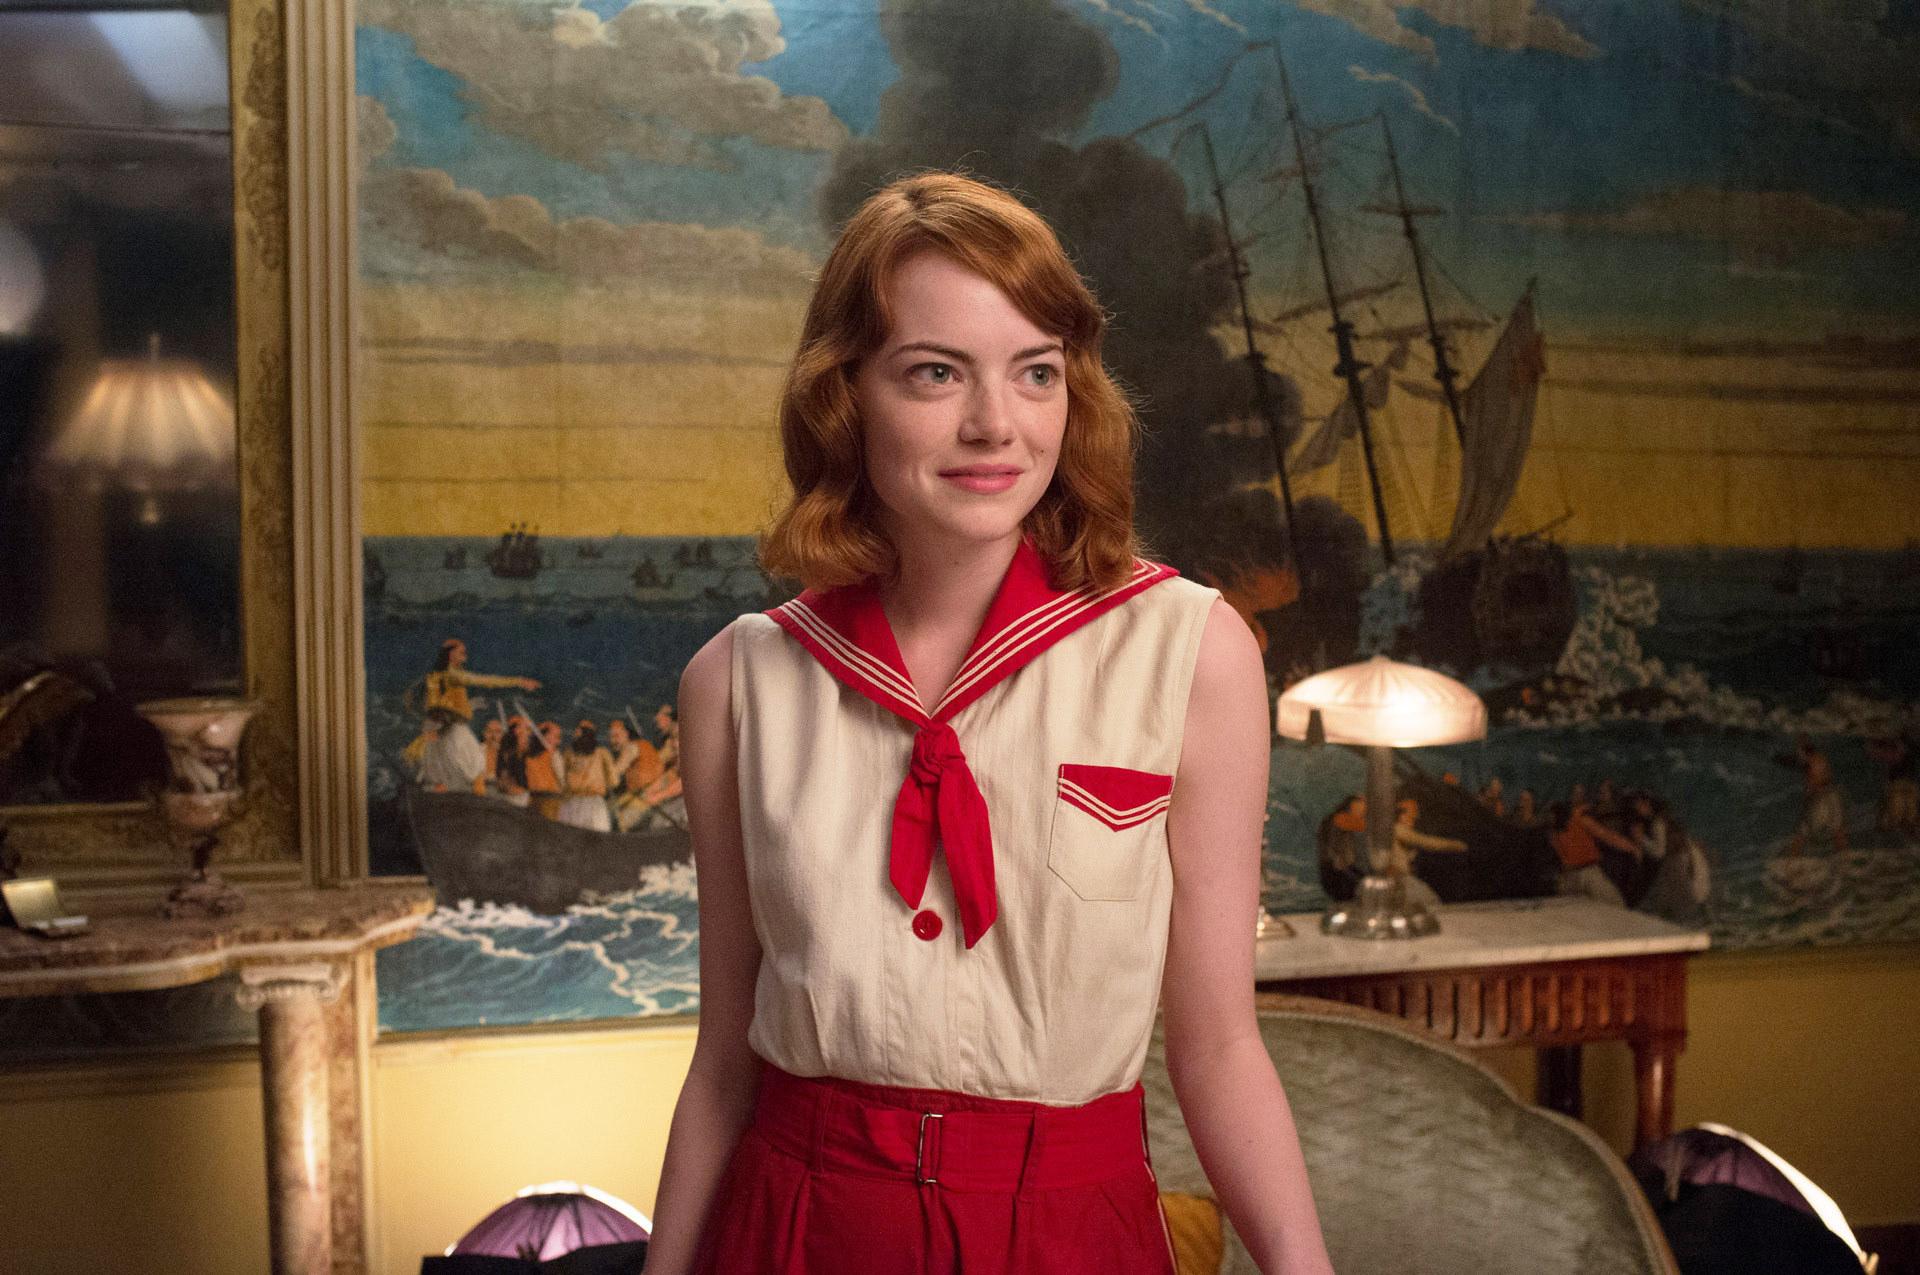 艾玛·斯通穿着水手装